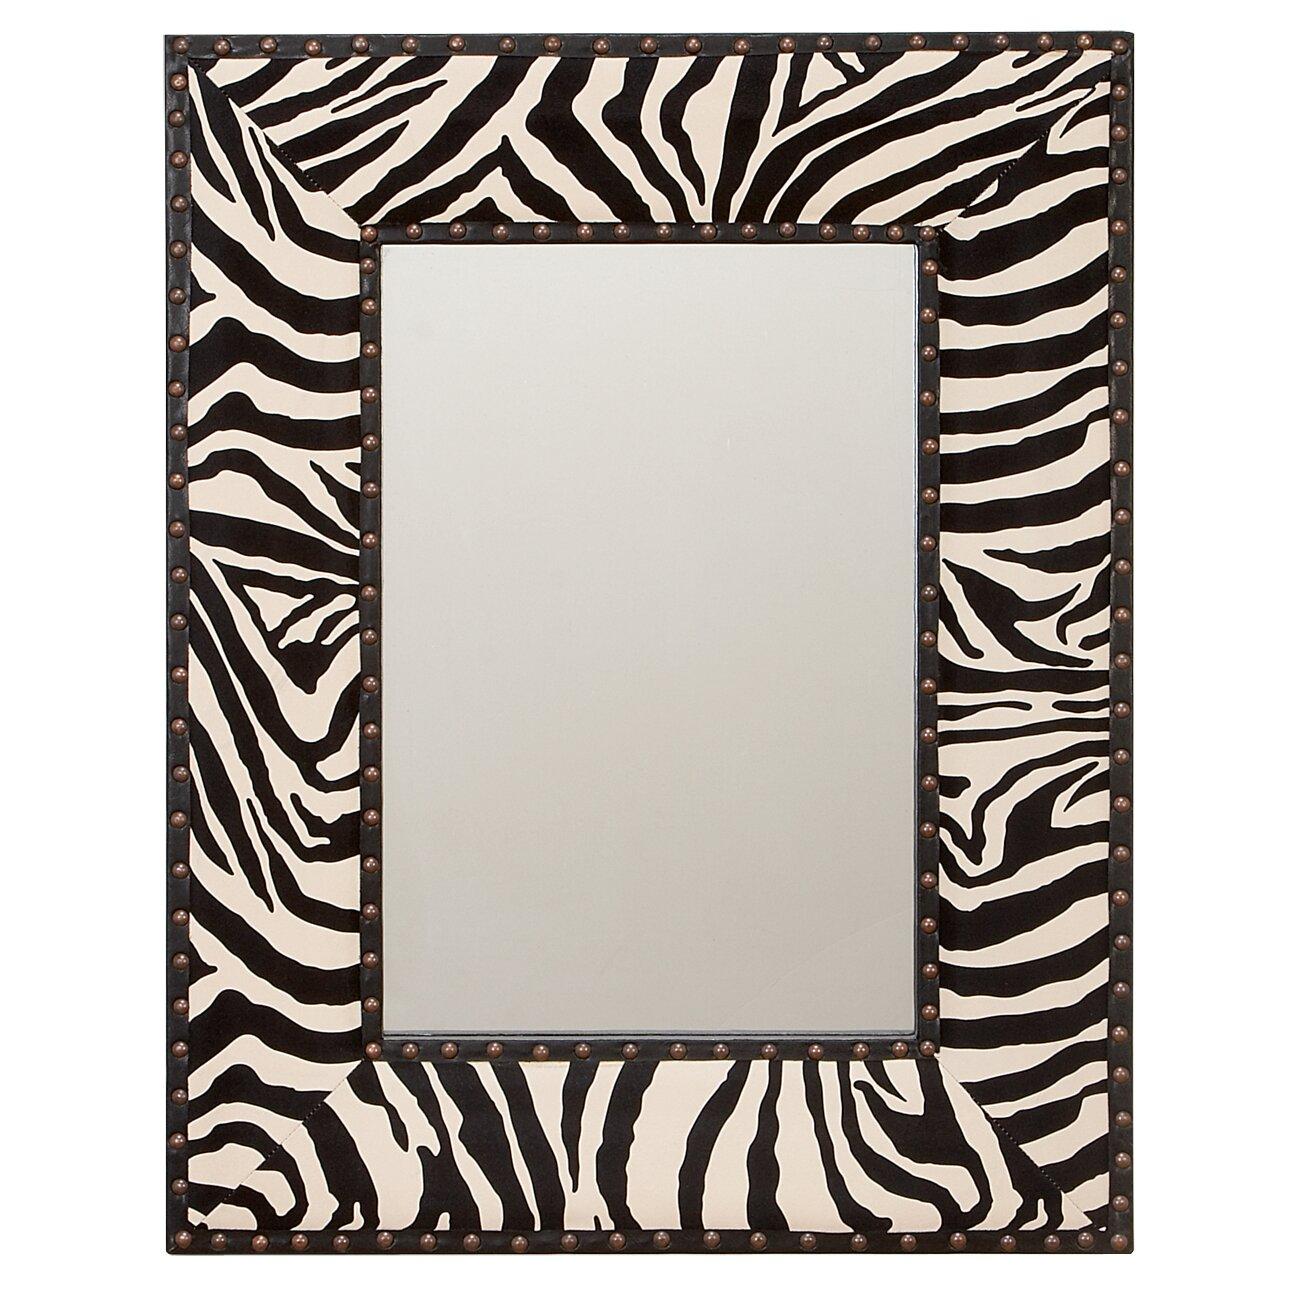 Aspire zebra wall mirror reviews wayfair for Miroir zebre